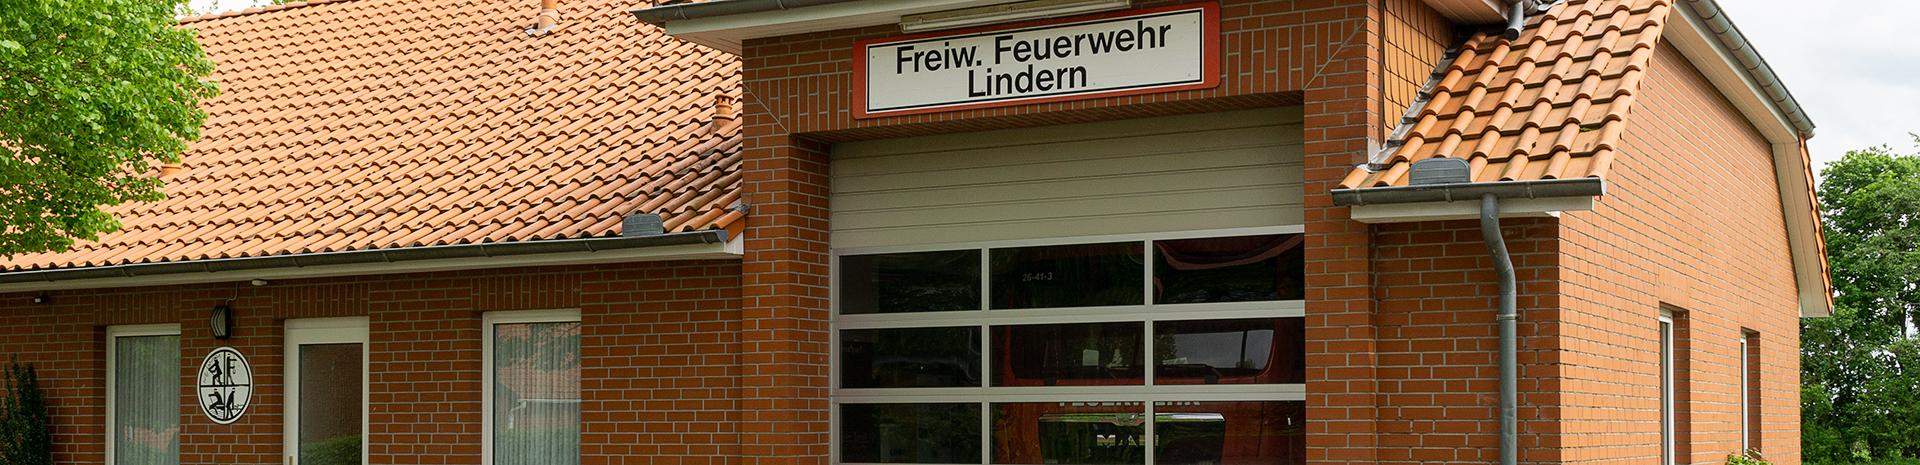 Feuerwehrhaus Lindern